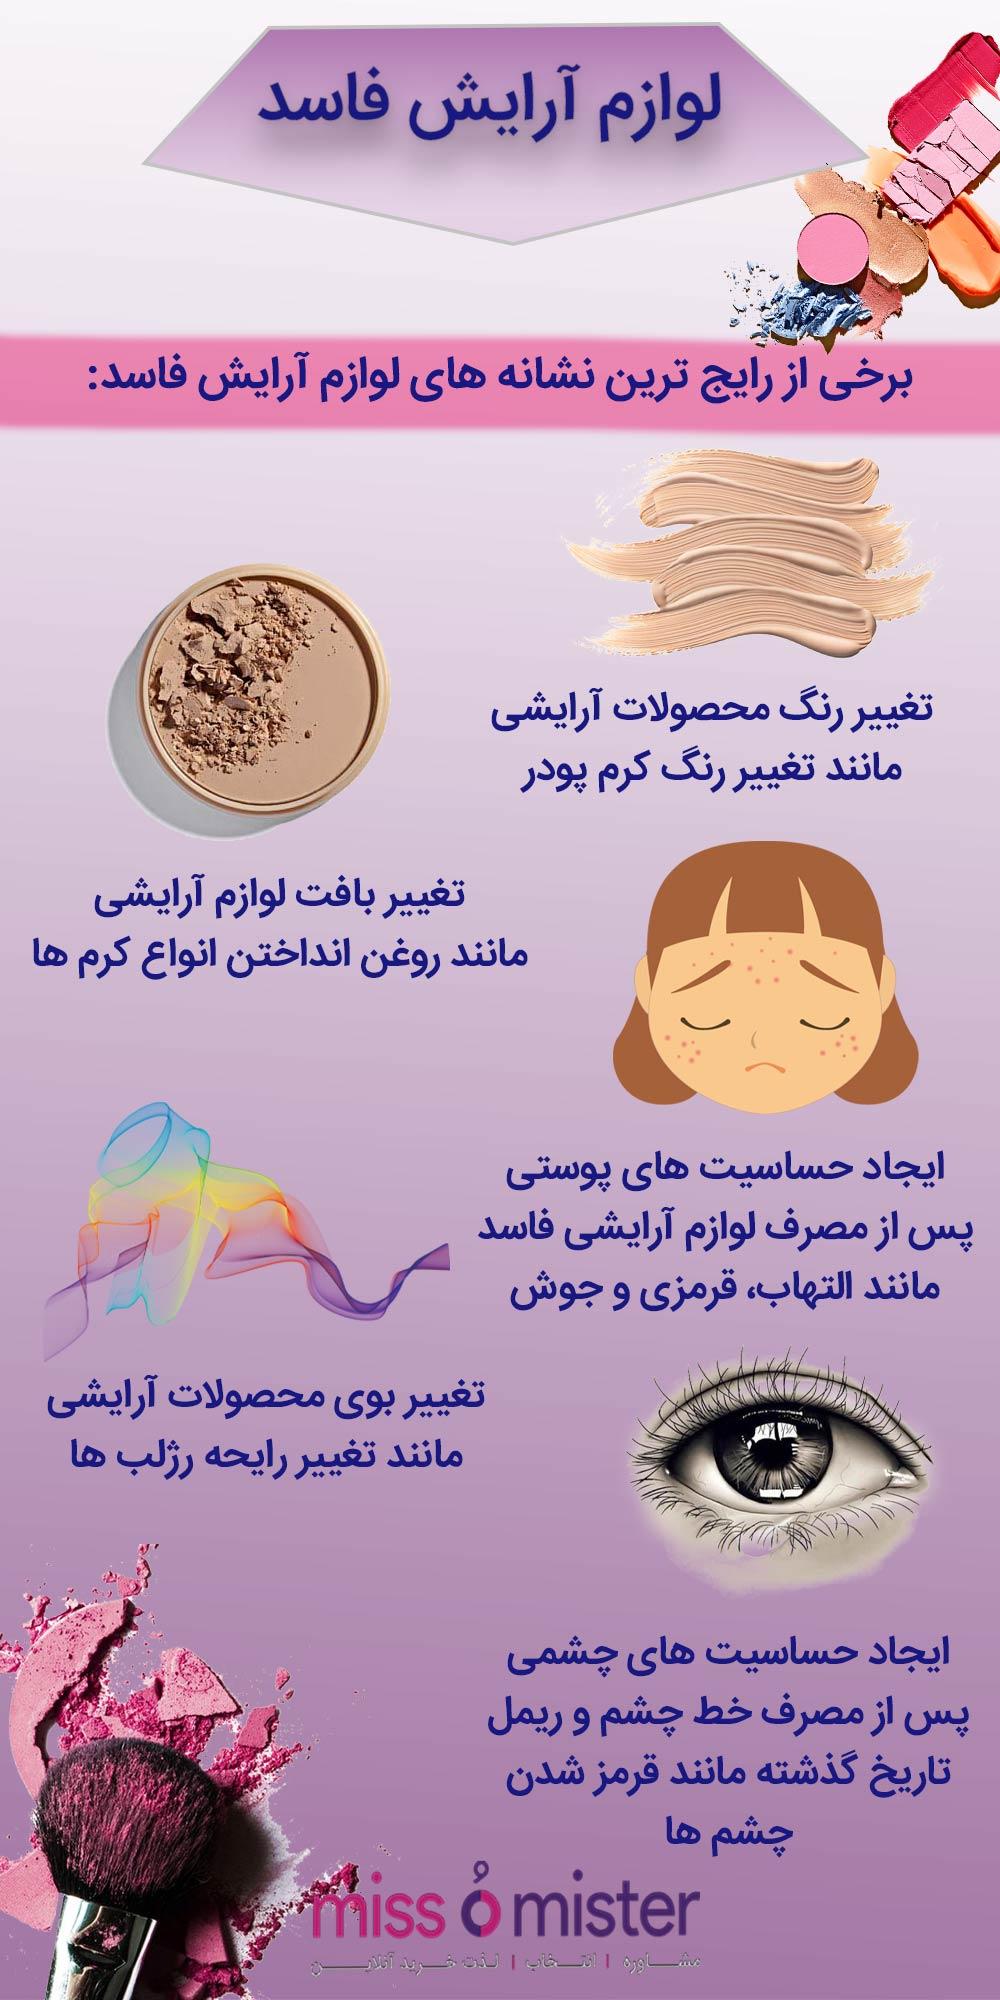 راه های تشخیص لوازم آرایش فاسد و تاریخ گذشته – [اینفوگرافیک]